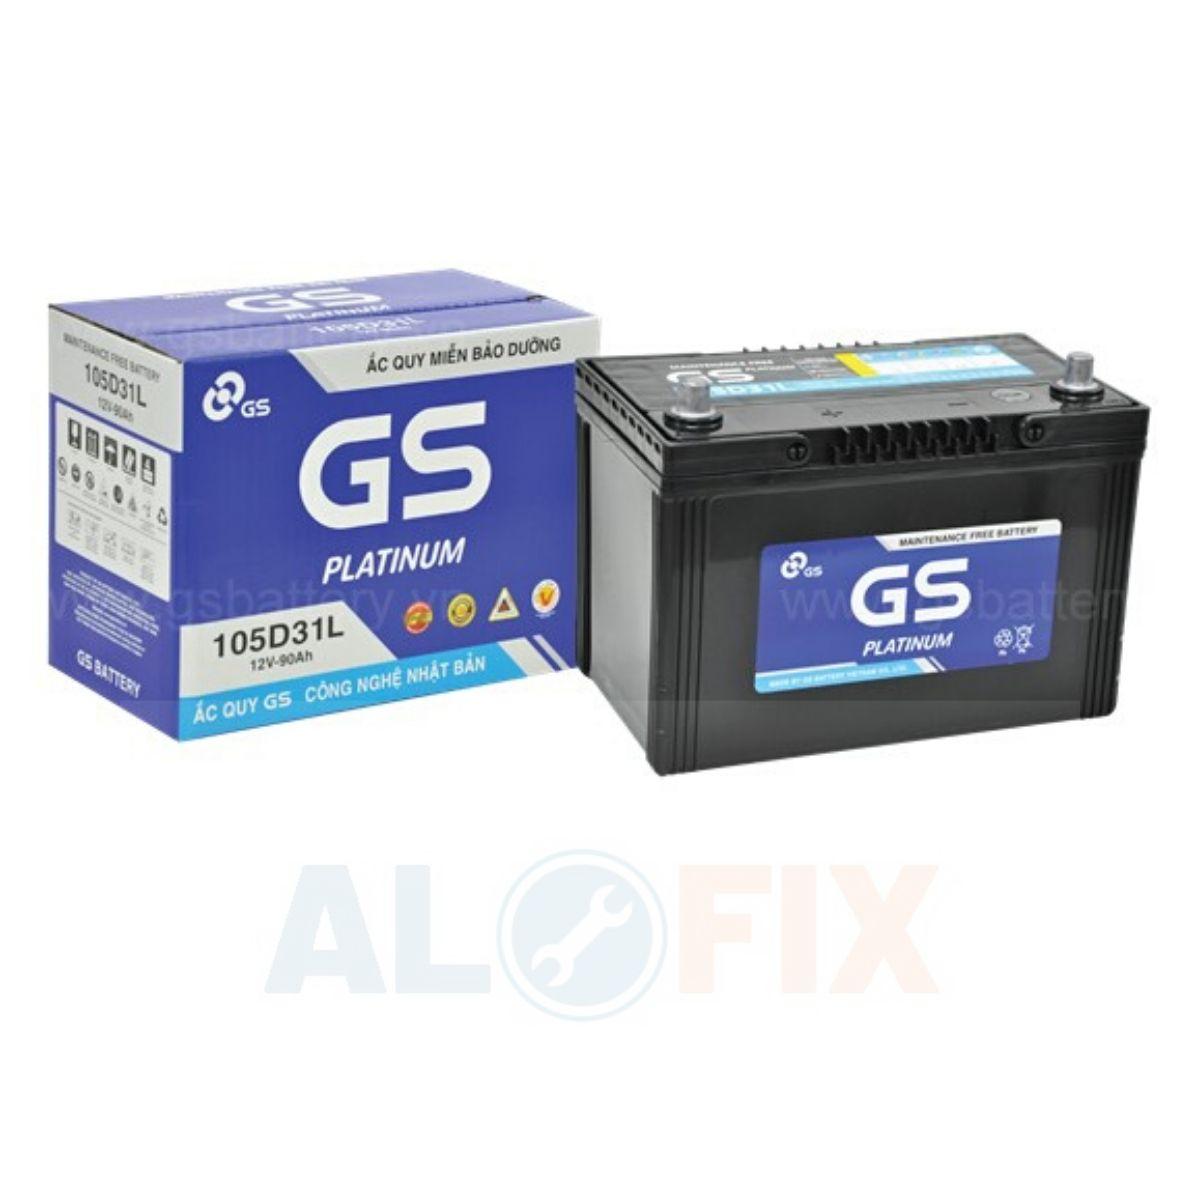 acquy GS khô kín khí 105D31 R/L